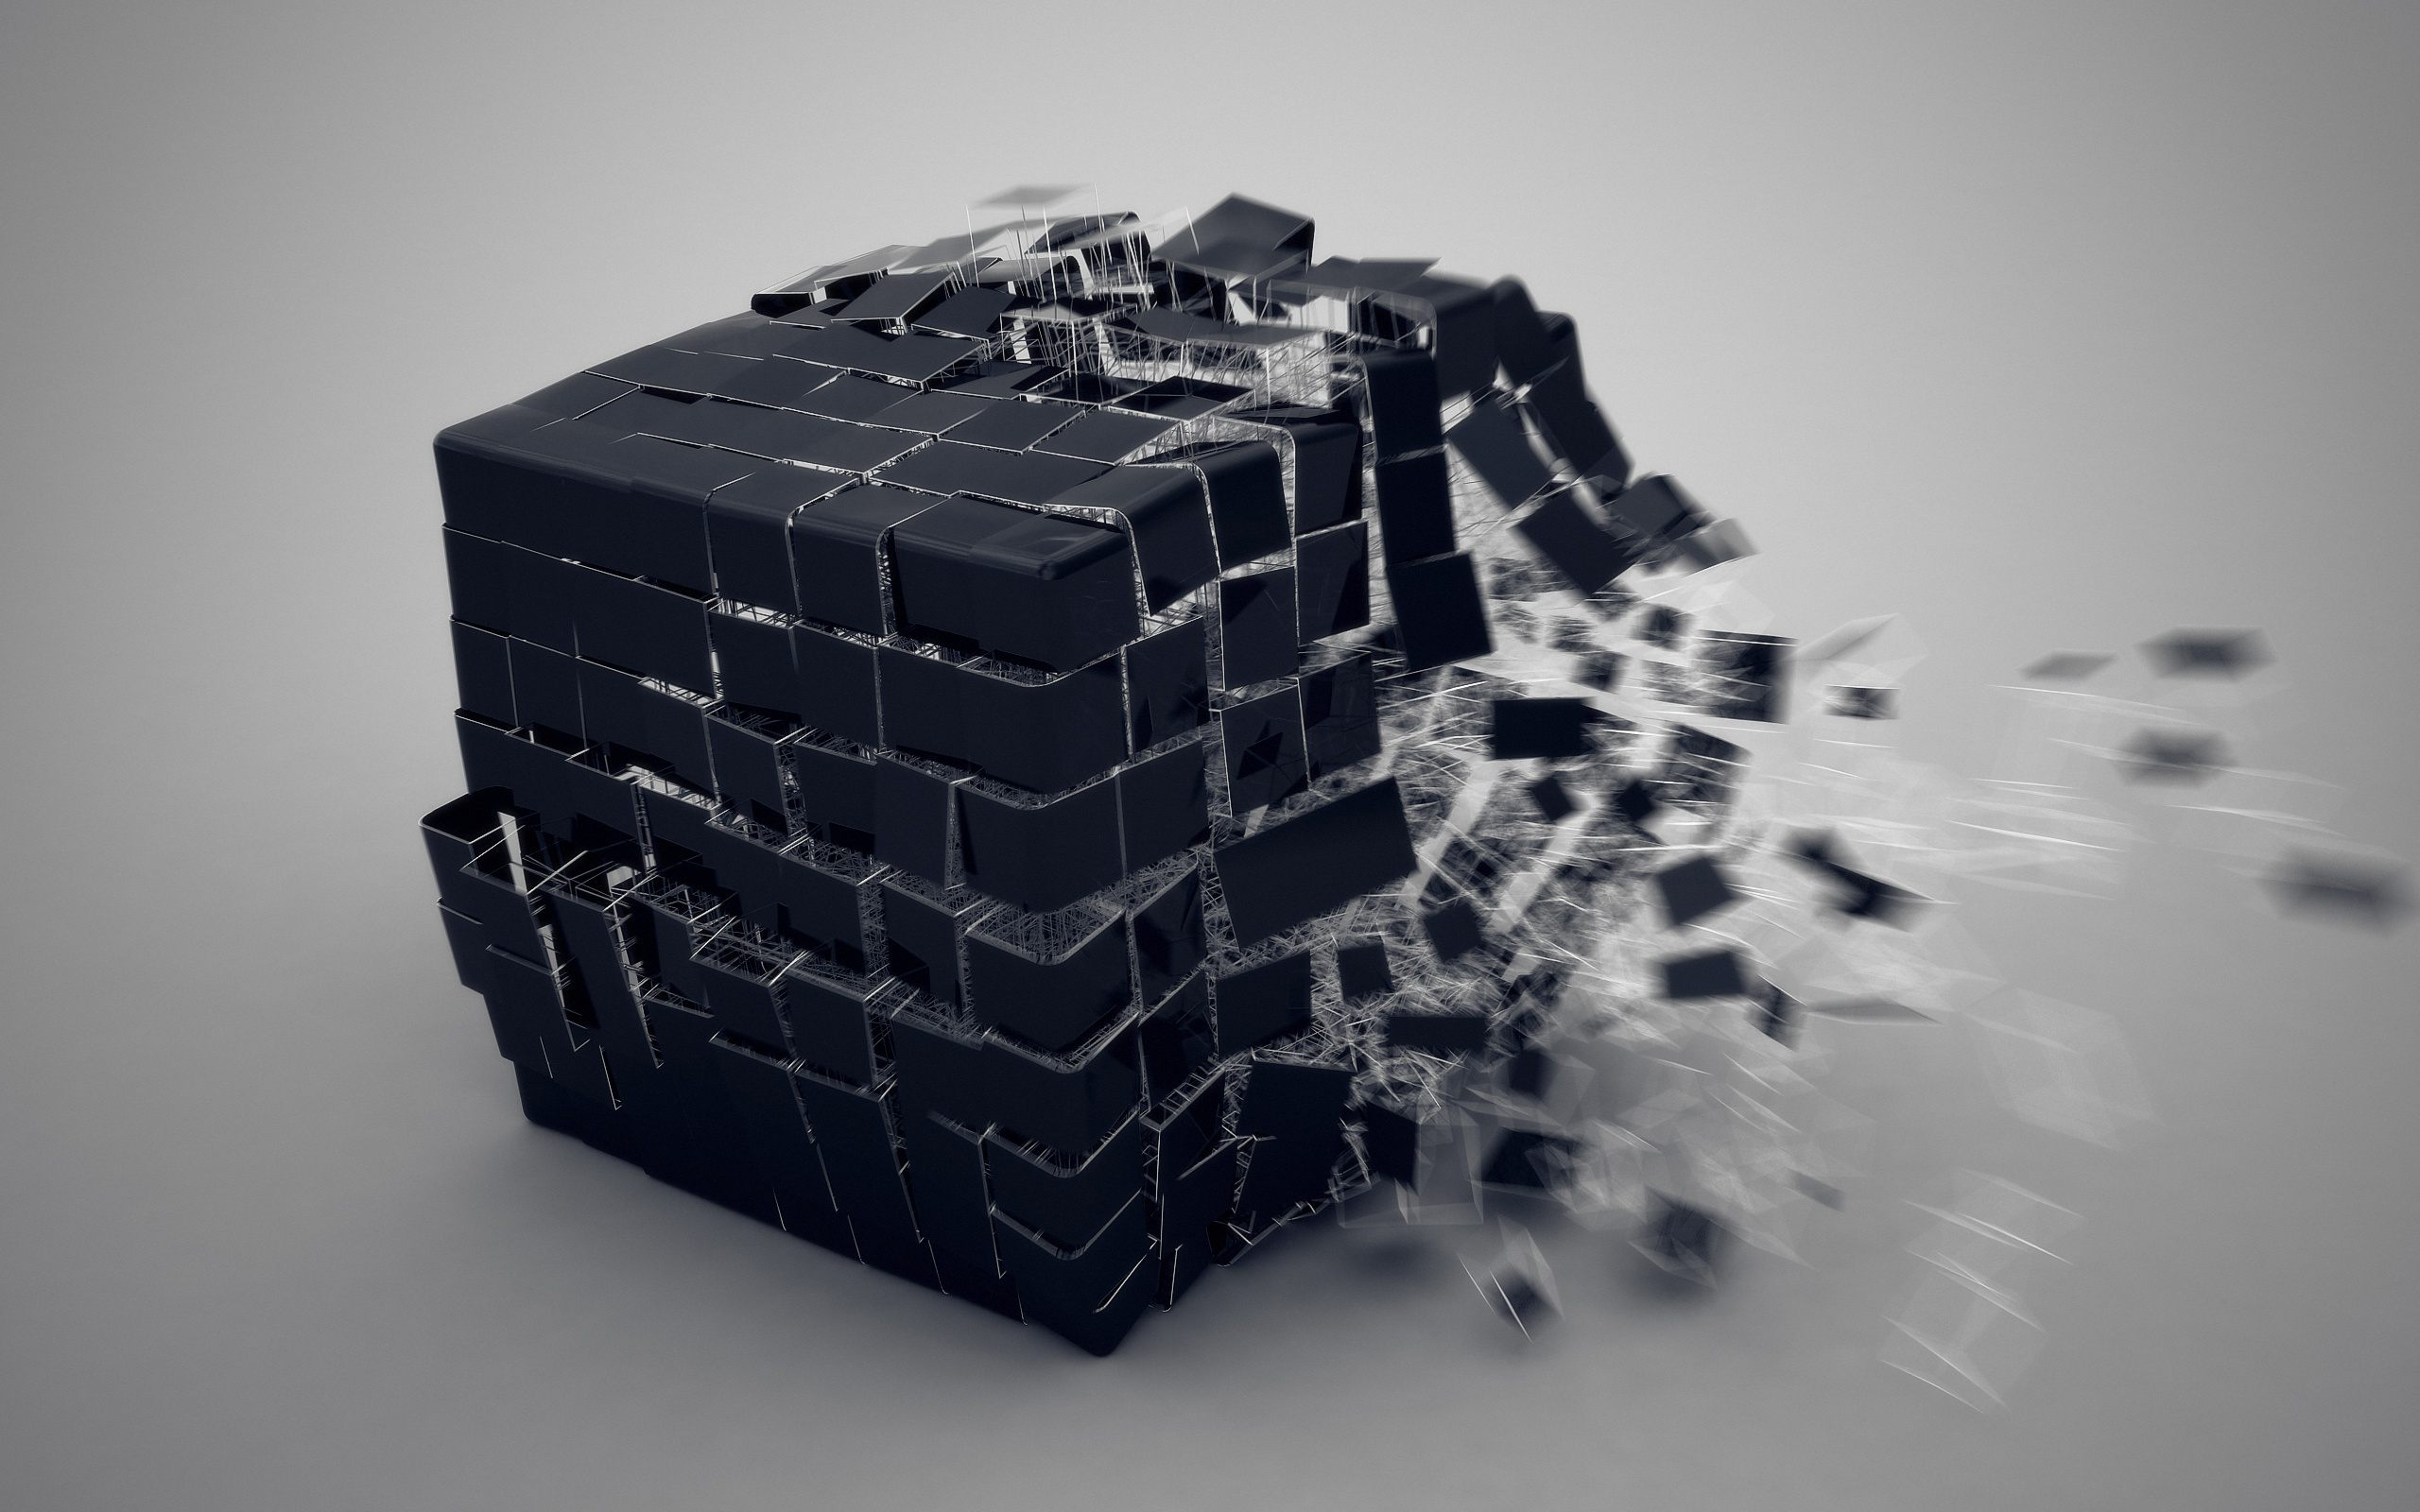 обои Расщепление куба, раскол, чёрный куб картинки фото